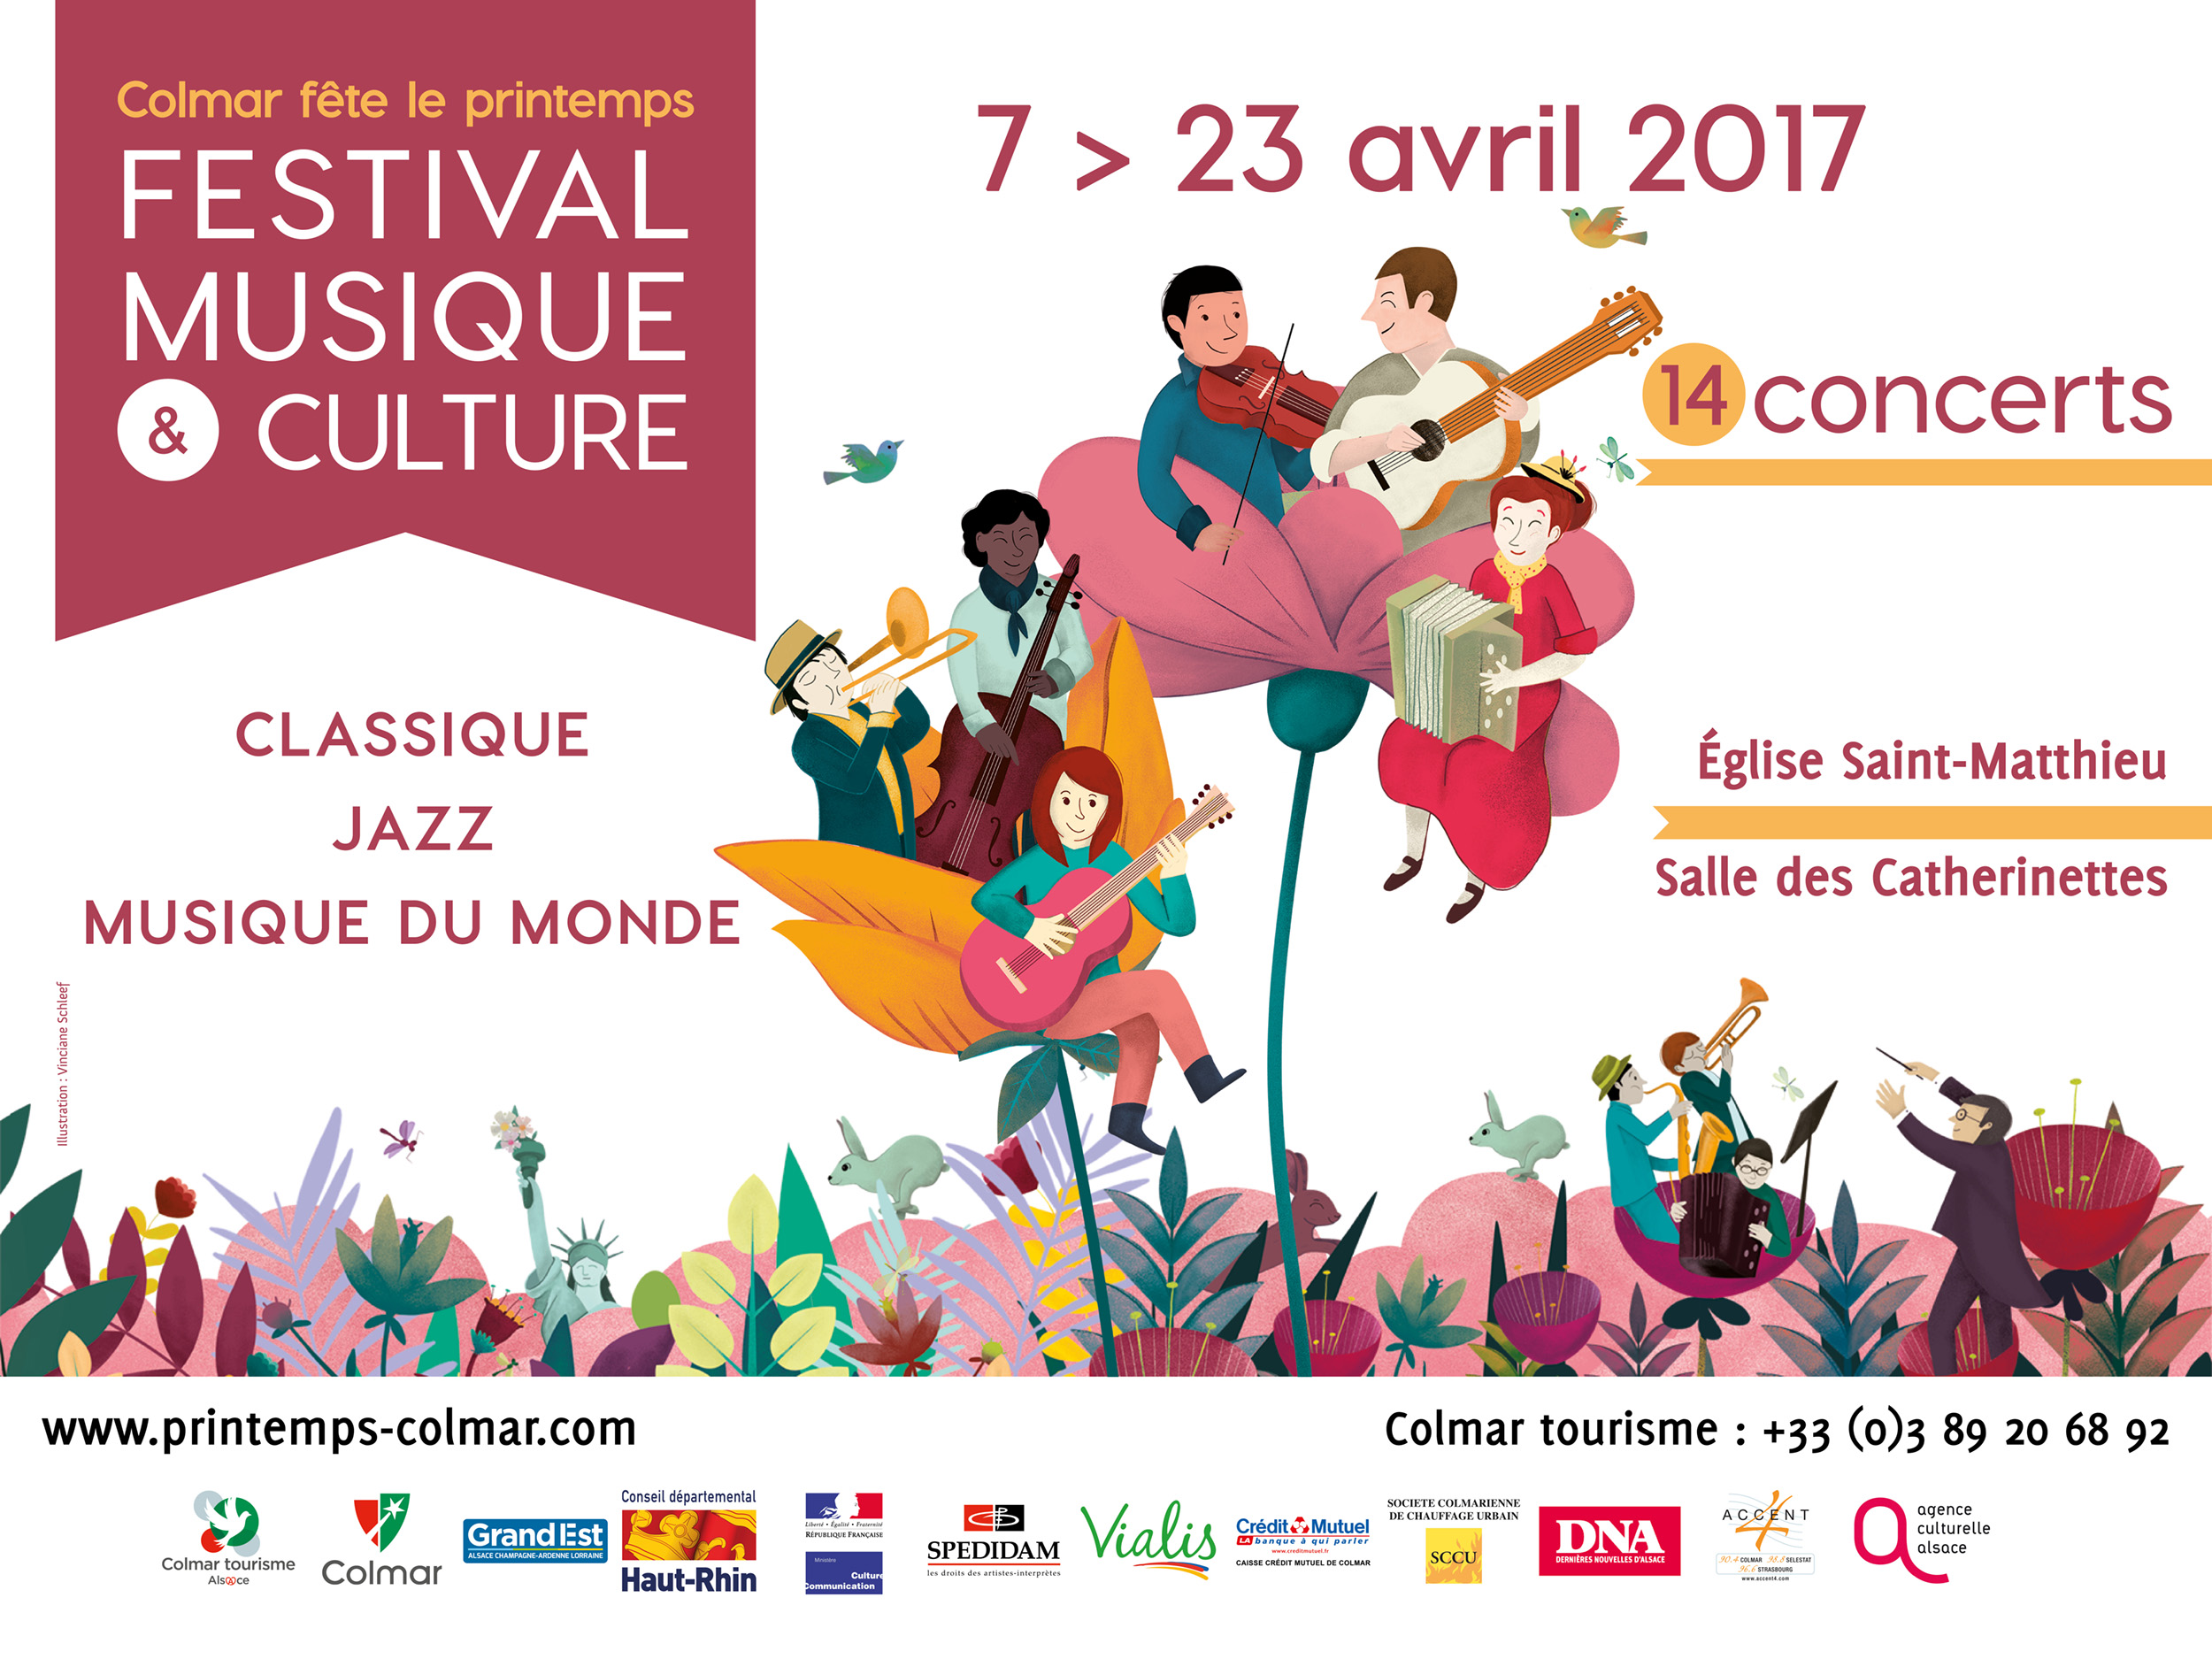 affiche_festival-musique-culture-colmar